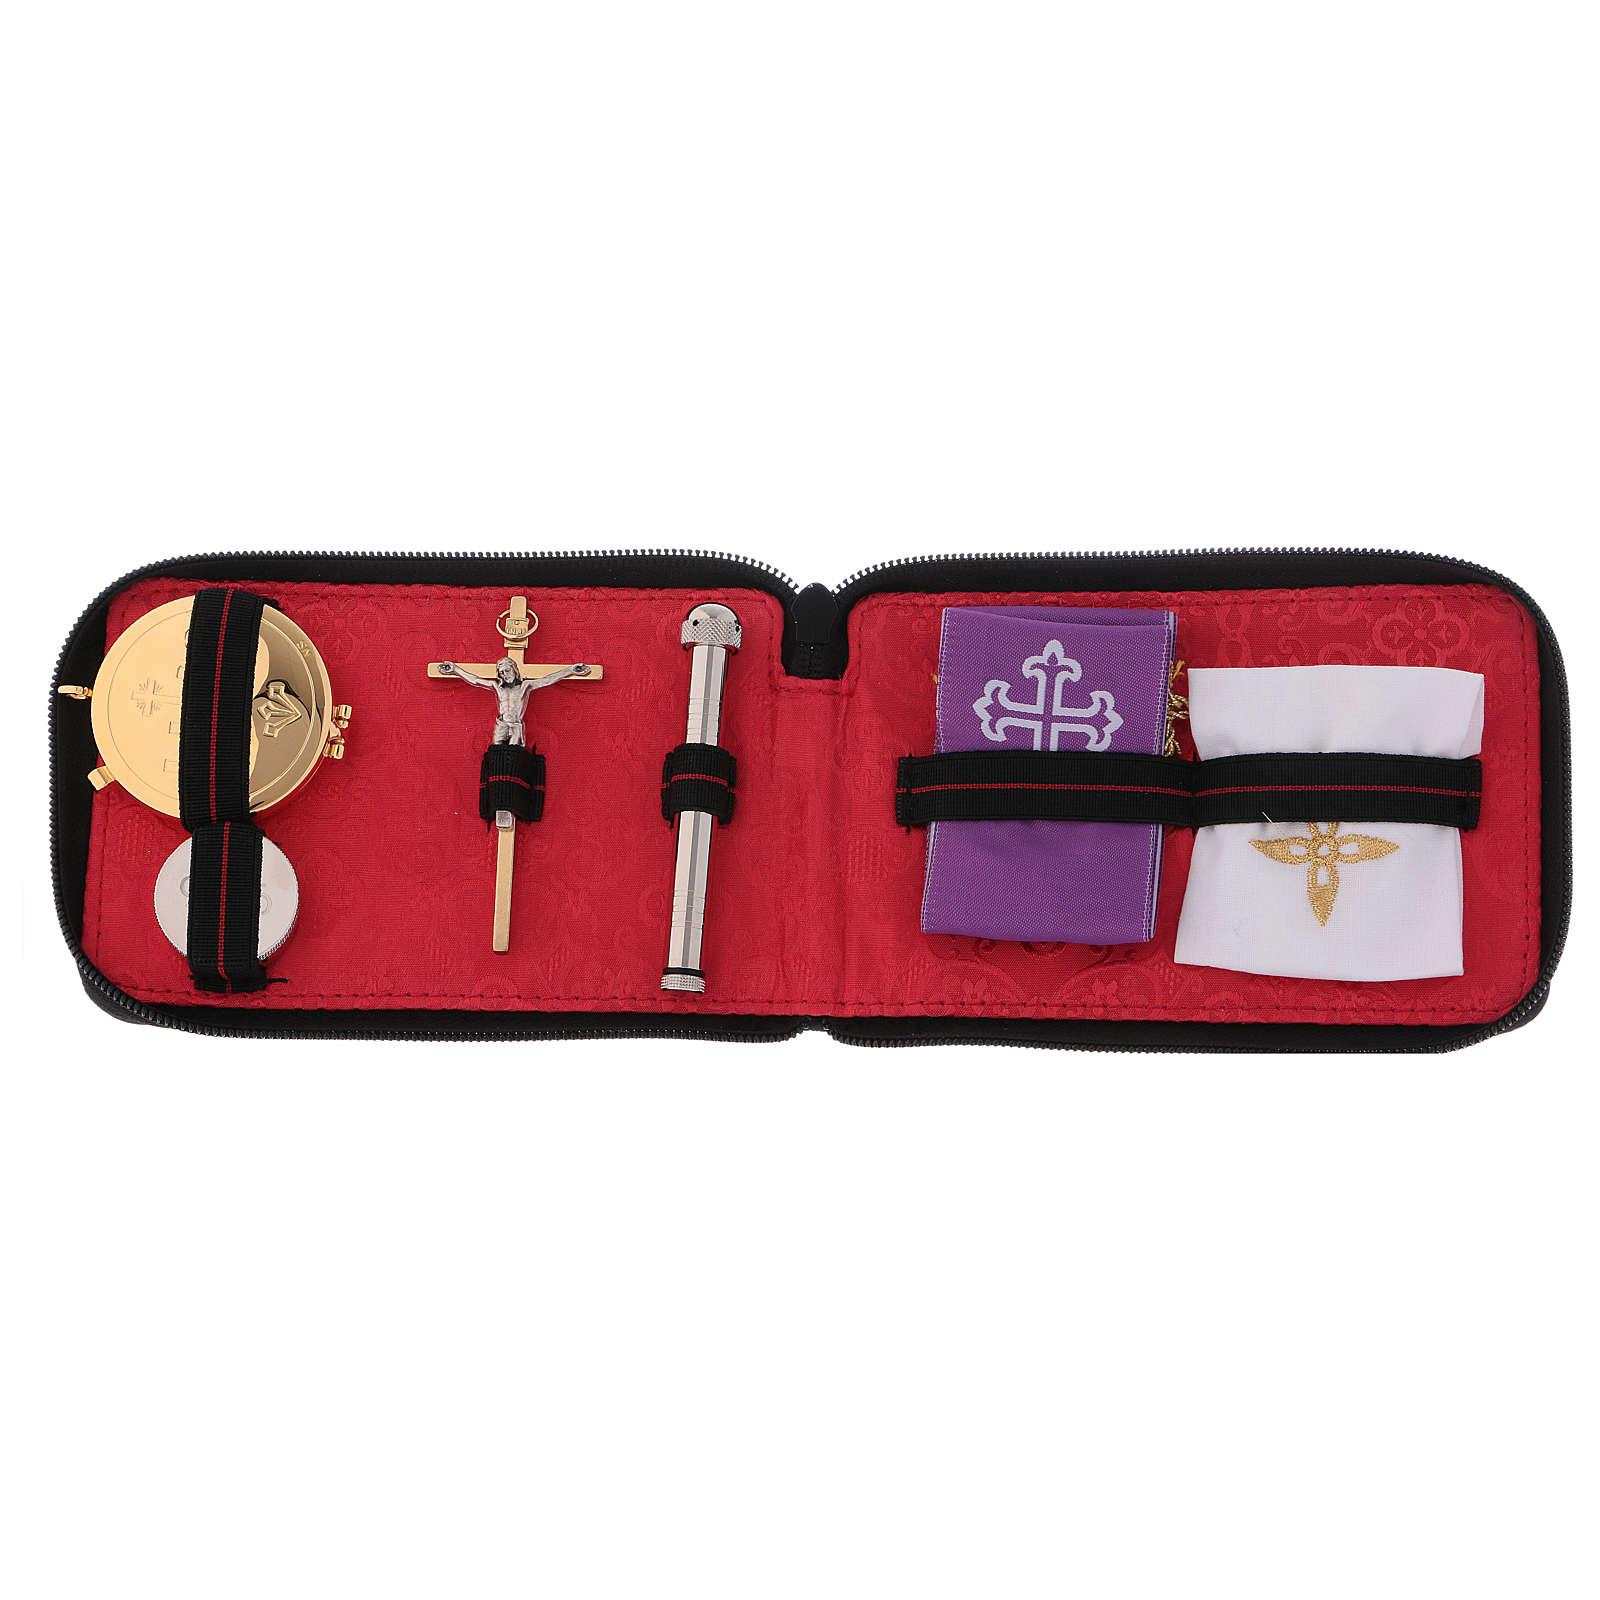 Portaviatico per celebrazioni in vera pelle  con zip interno jacquard rosso 3